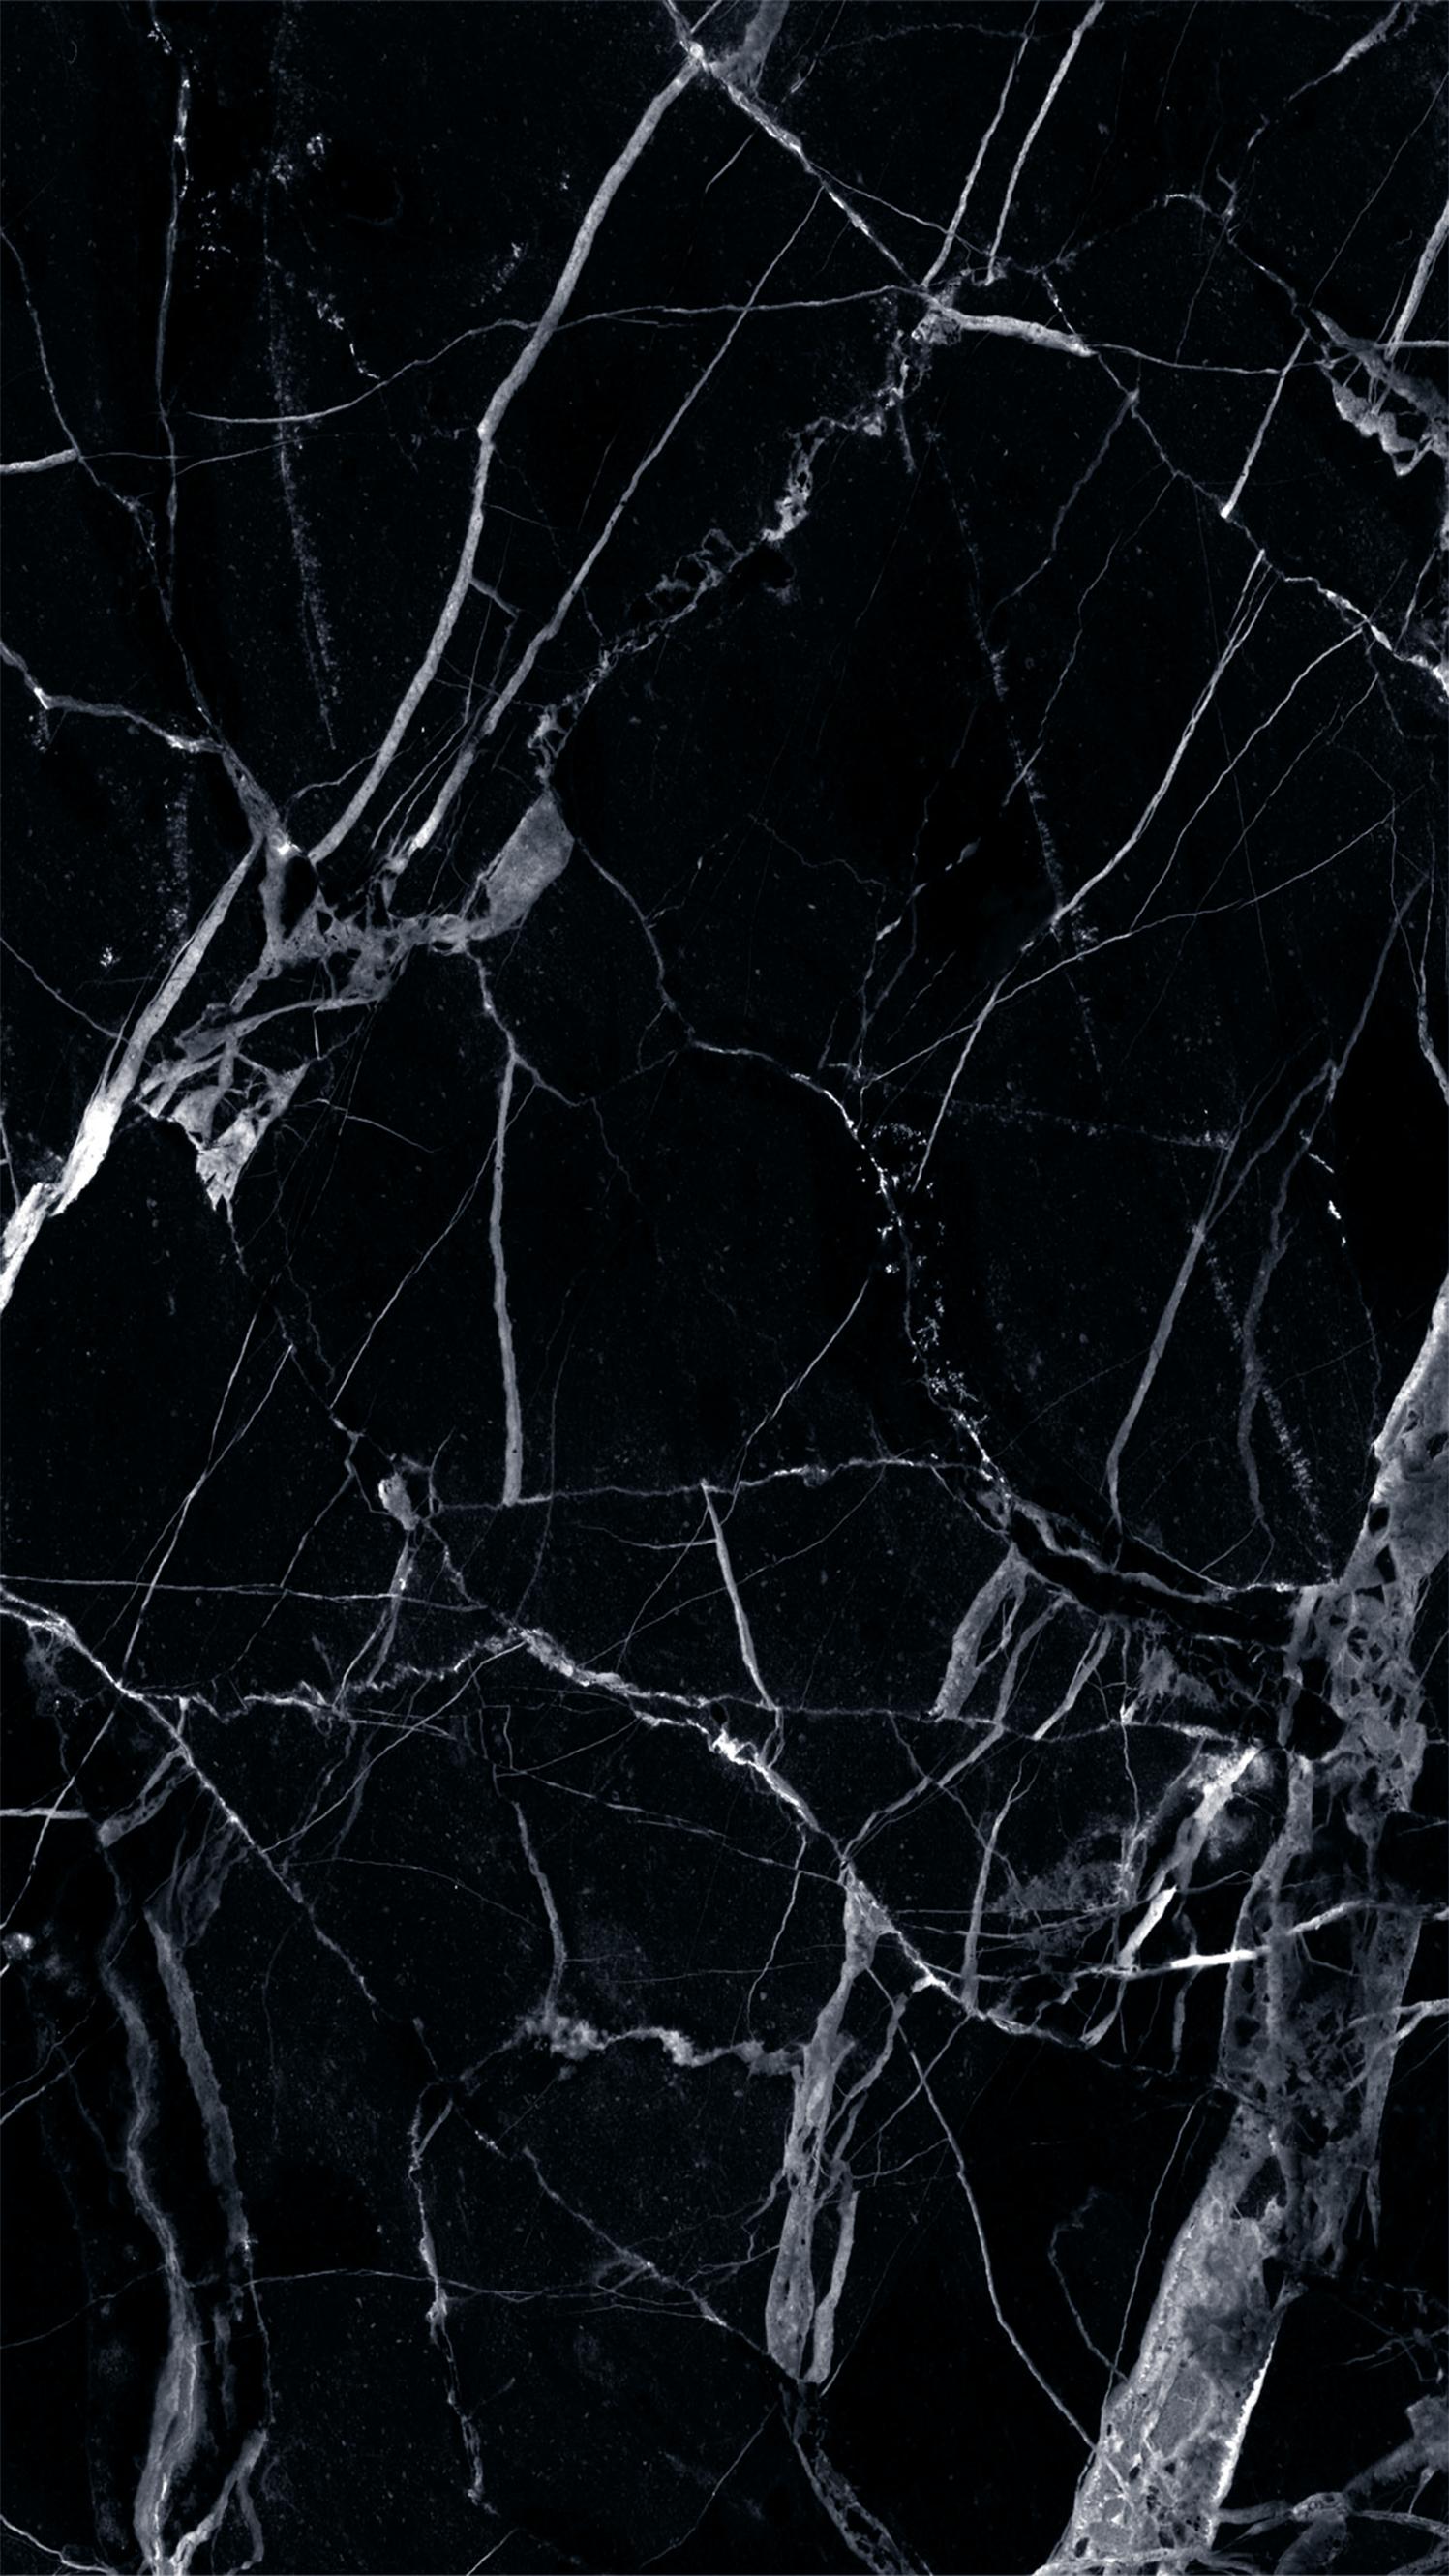 Iphone 7 Lock Screen Black Wallpaper Hd Gambar Ditemukan